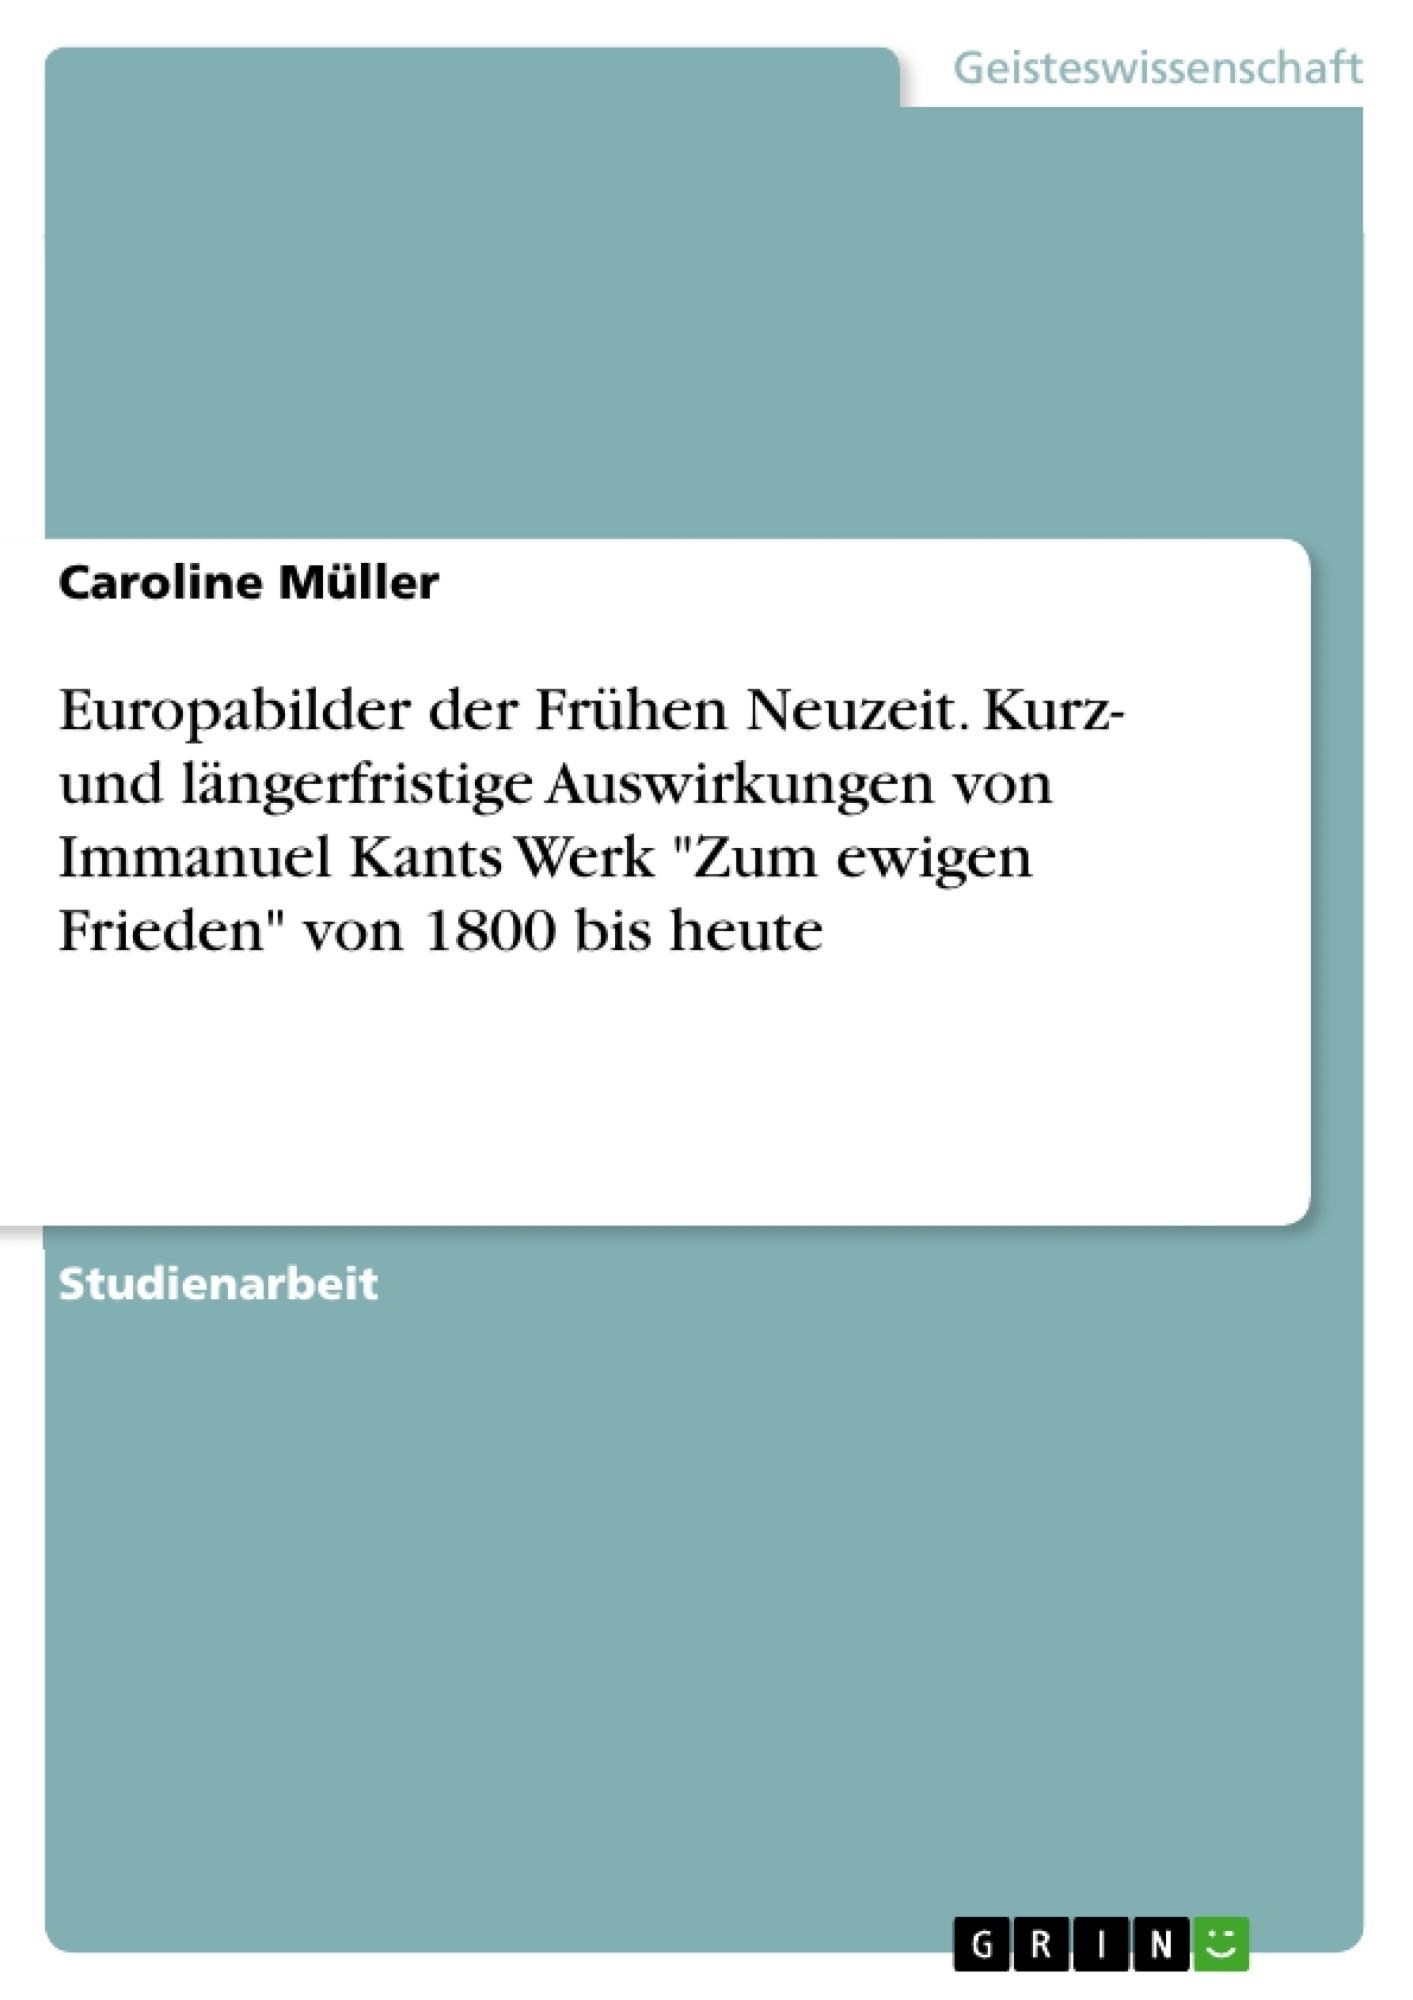 """Titel: Europabilder der Frühen Neuzeit. Kurz- und längerfristige Auswirkungen von Immanuel Kants Werk """"Zum ewigen Frieden"""" von 1800 bis heute"""